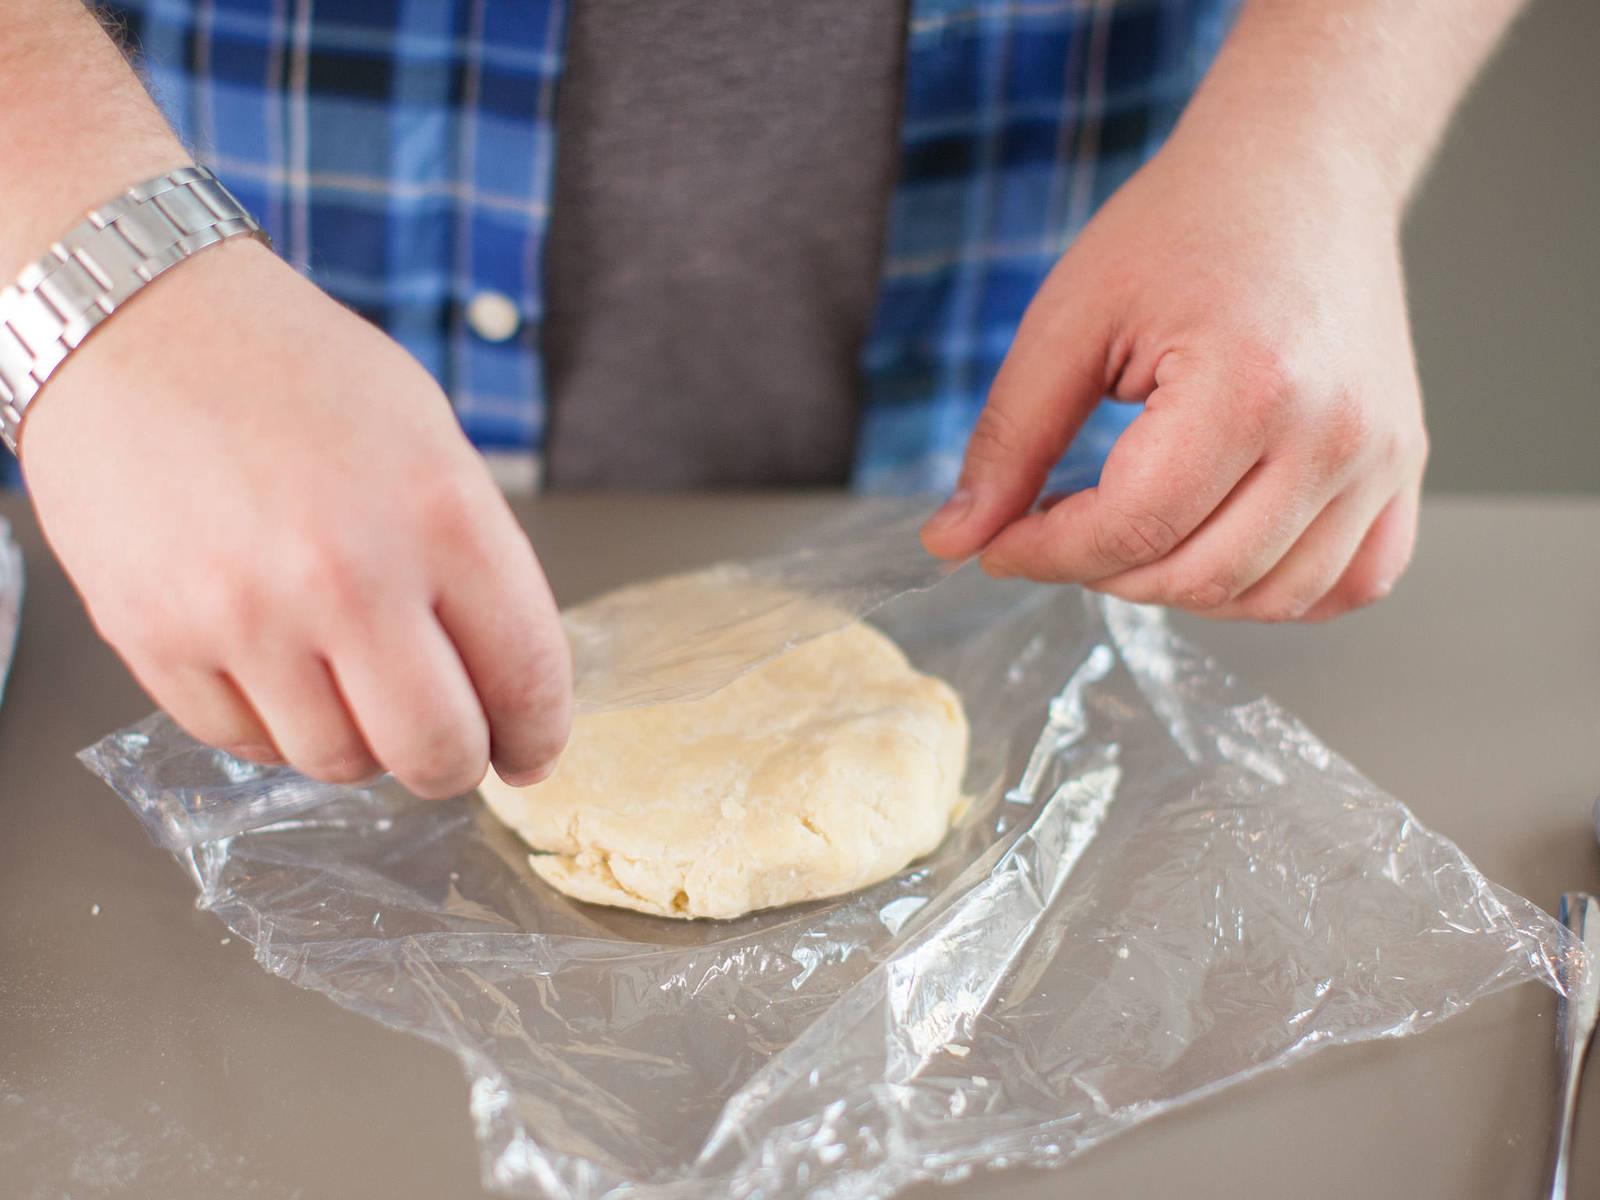 在大碗中加入面粉和一撮盐。加入切成小块的黄油,快速搅拌均匀。加入冷水,将面团滚成球状。用保鲜膜包裹好,放入冰箱,静置 30 - 60 分钟。